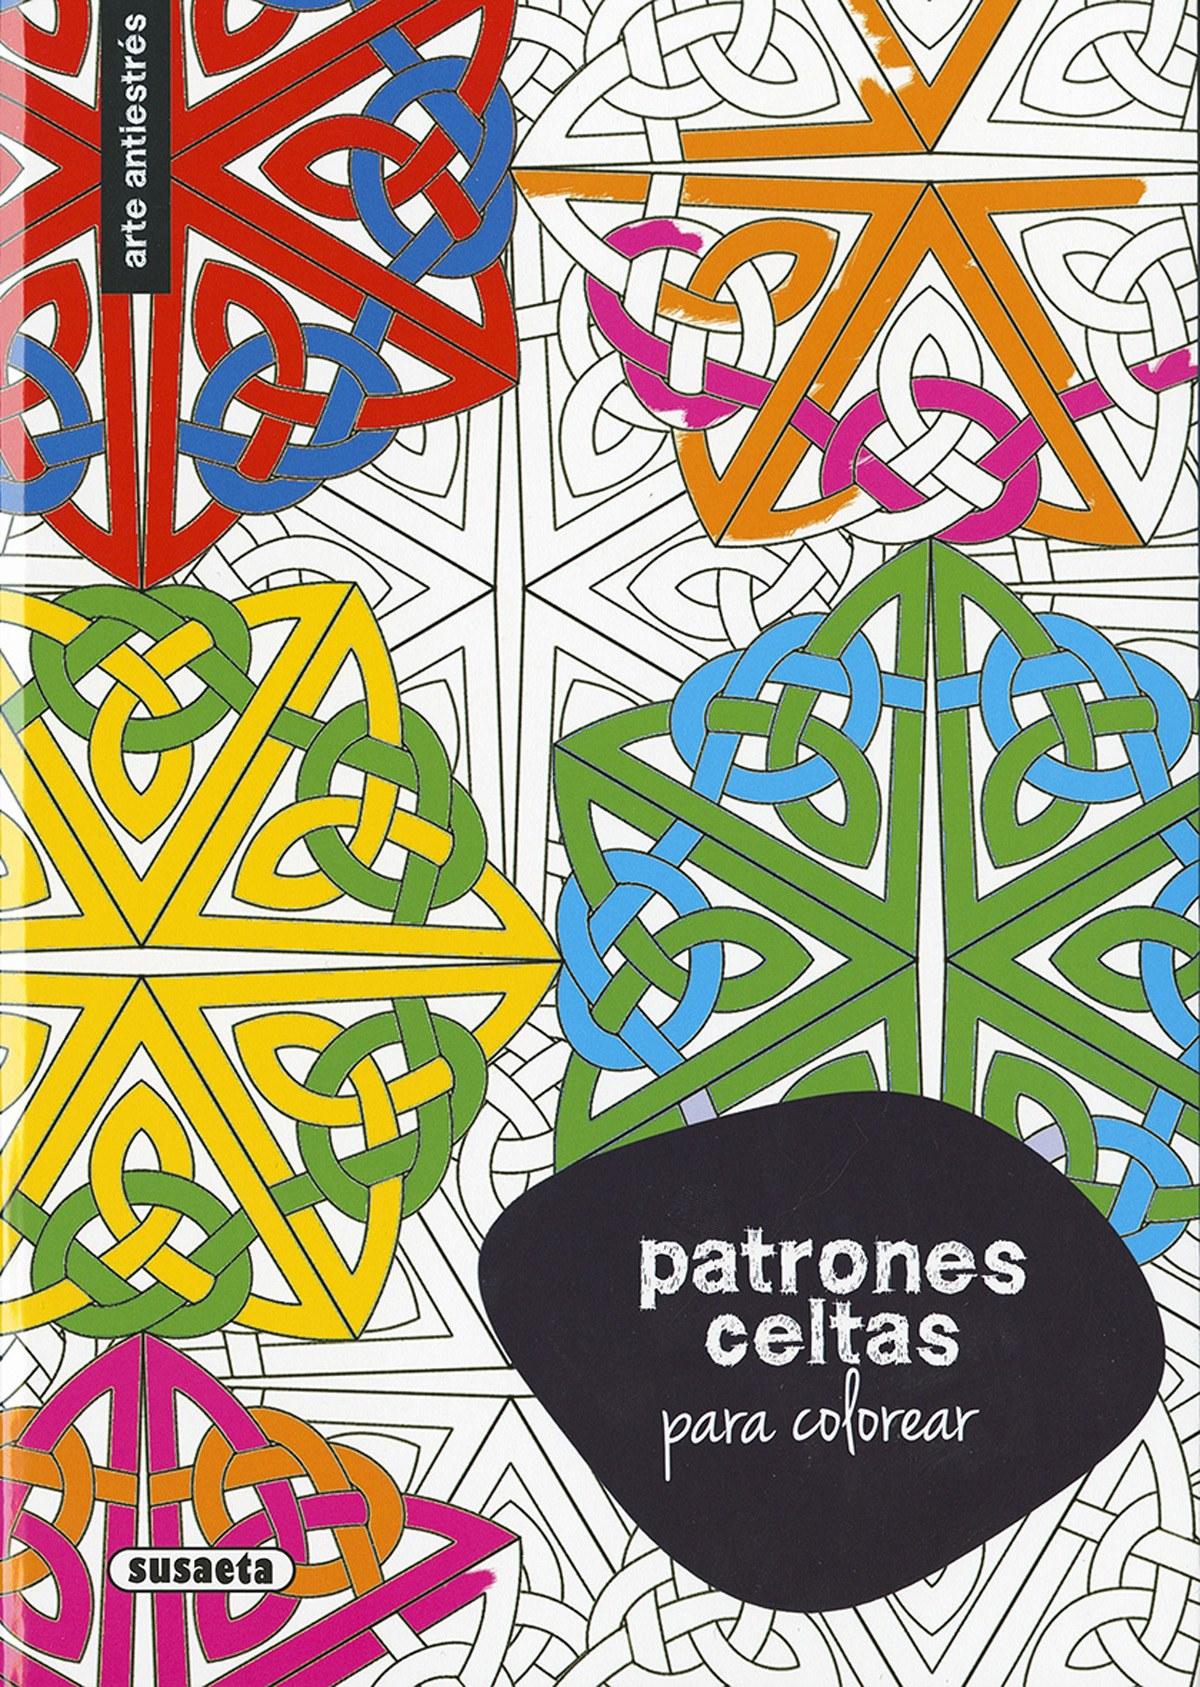 Patrones celtas para colorear 9788467750355